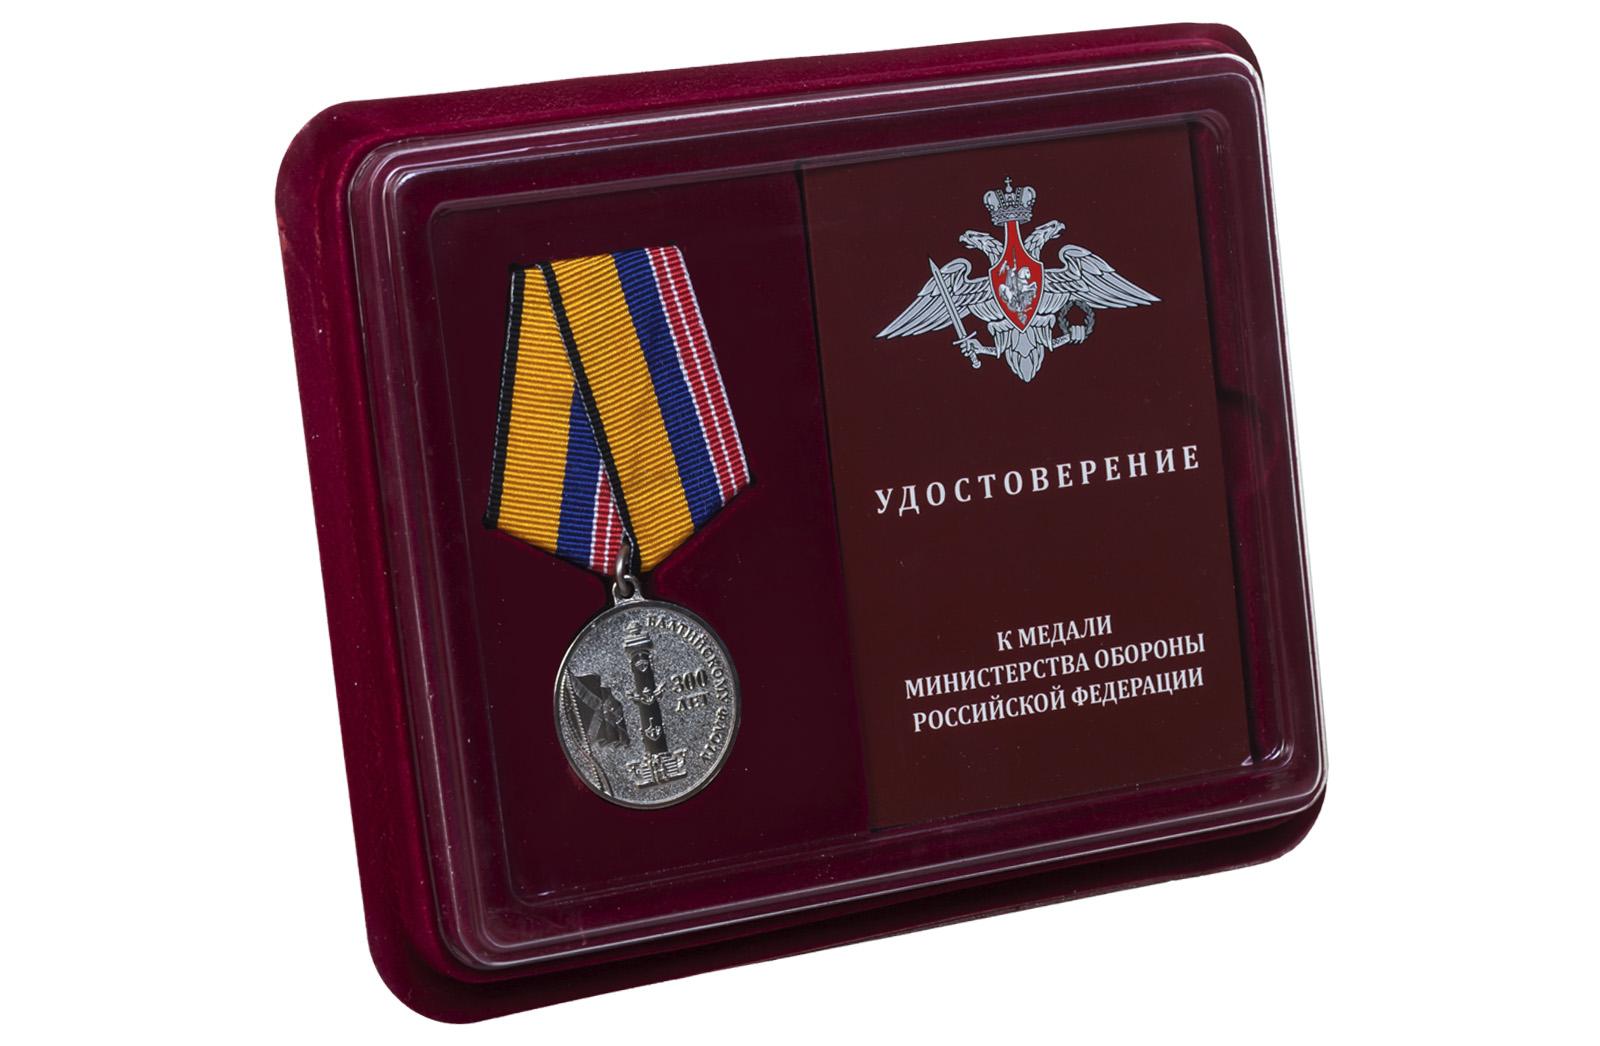 Купить медаль МО РФ 300 лет Балтийскому флоту оптом или в розницу